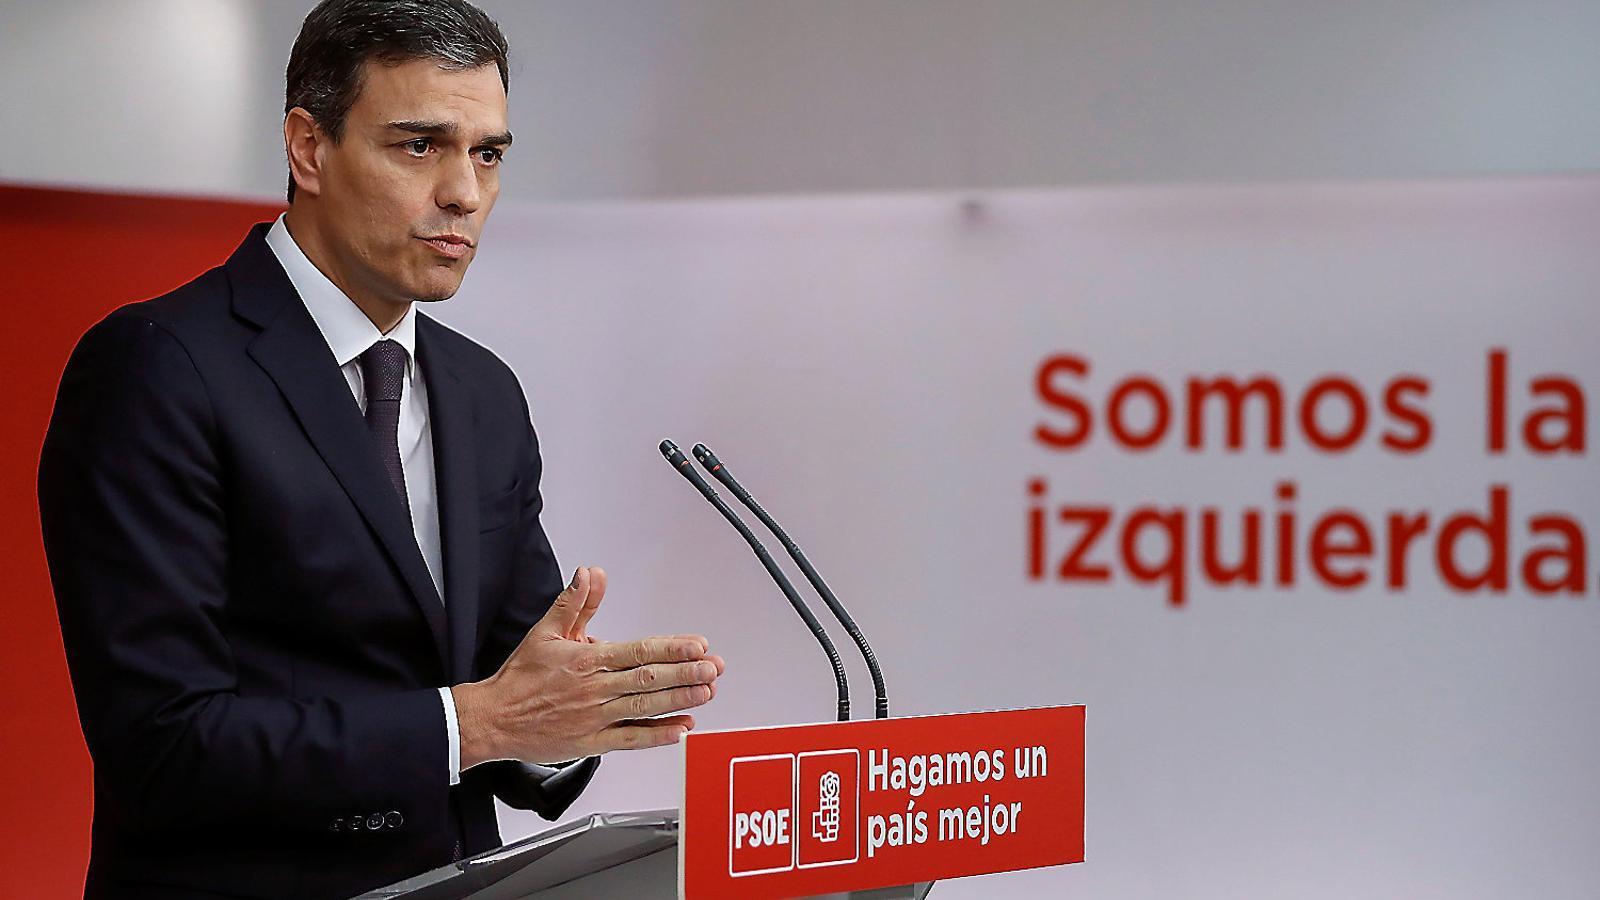 Sánchez proposa adequar el delicte de rebel·lió al cas català